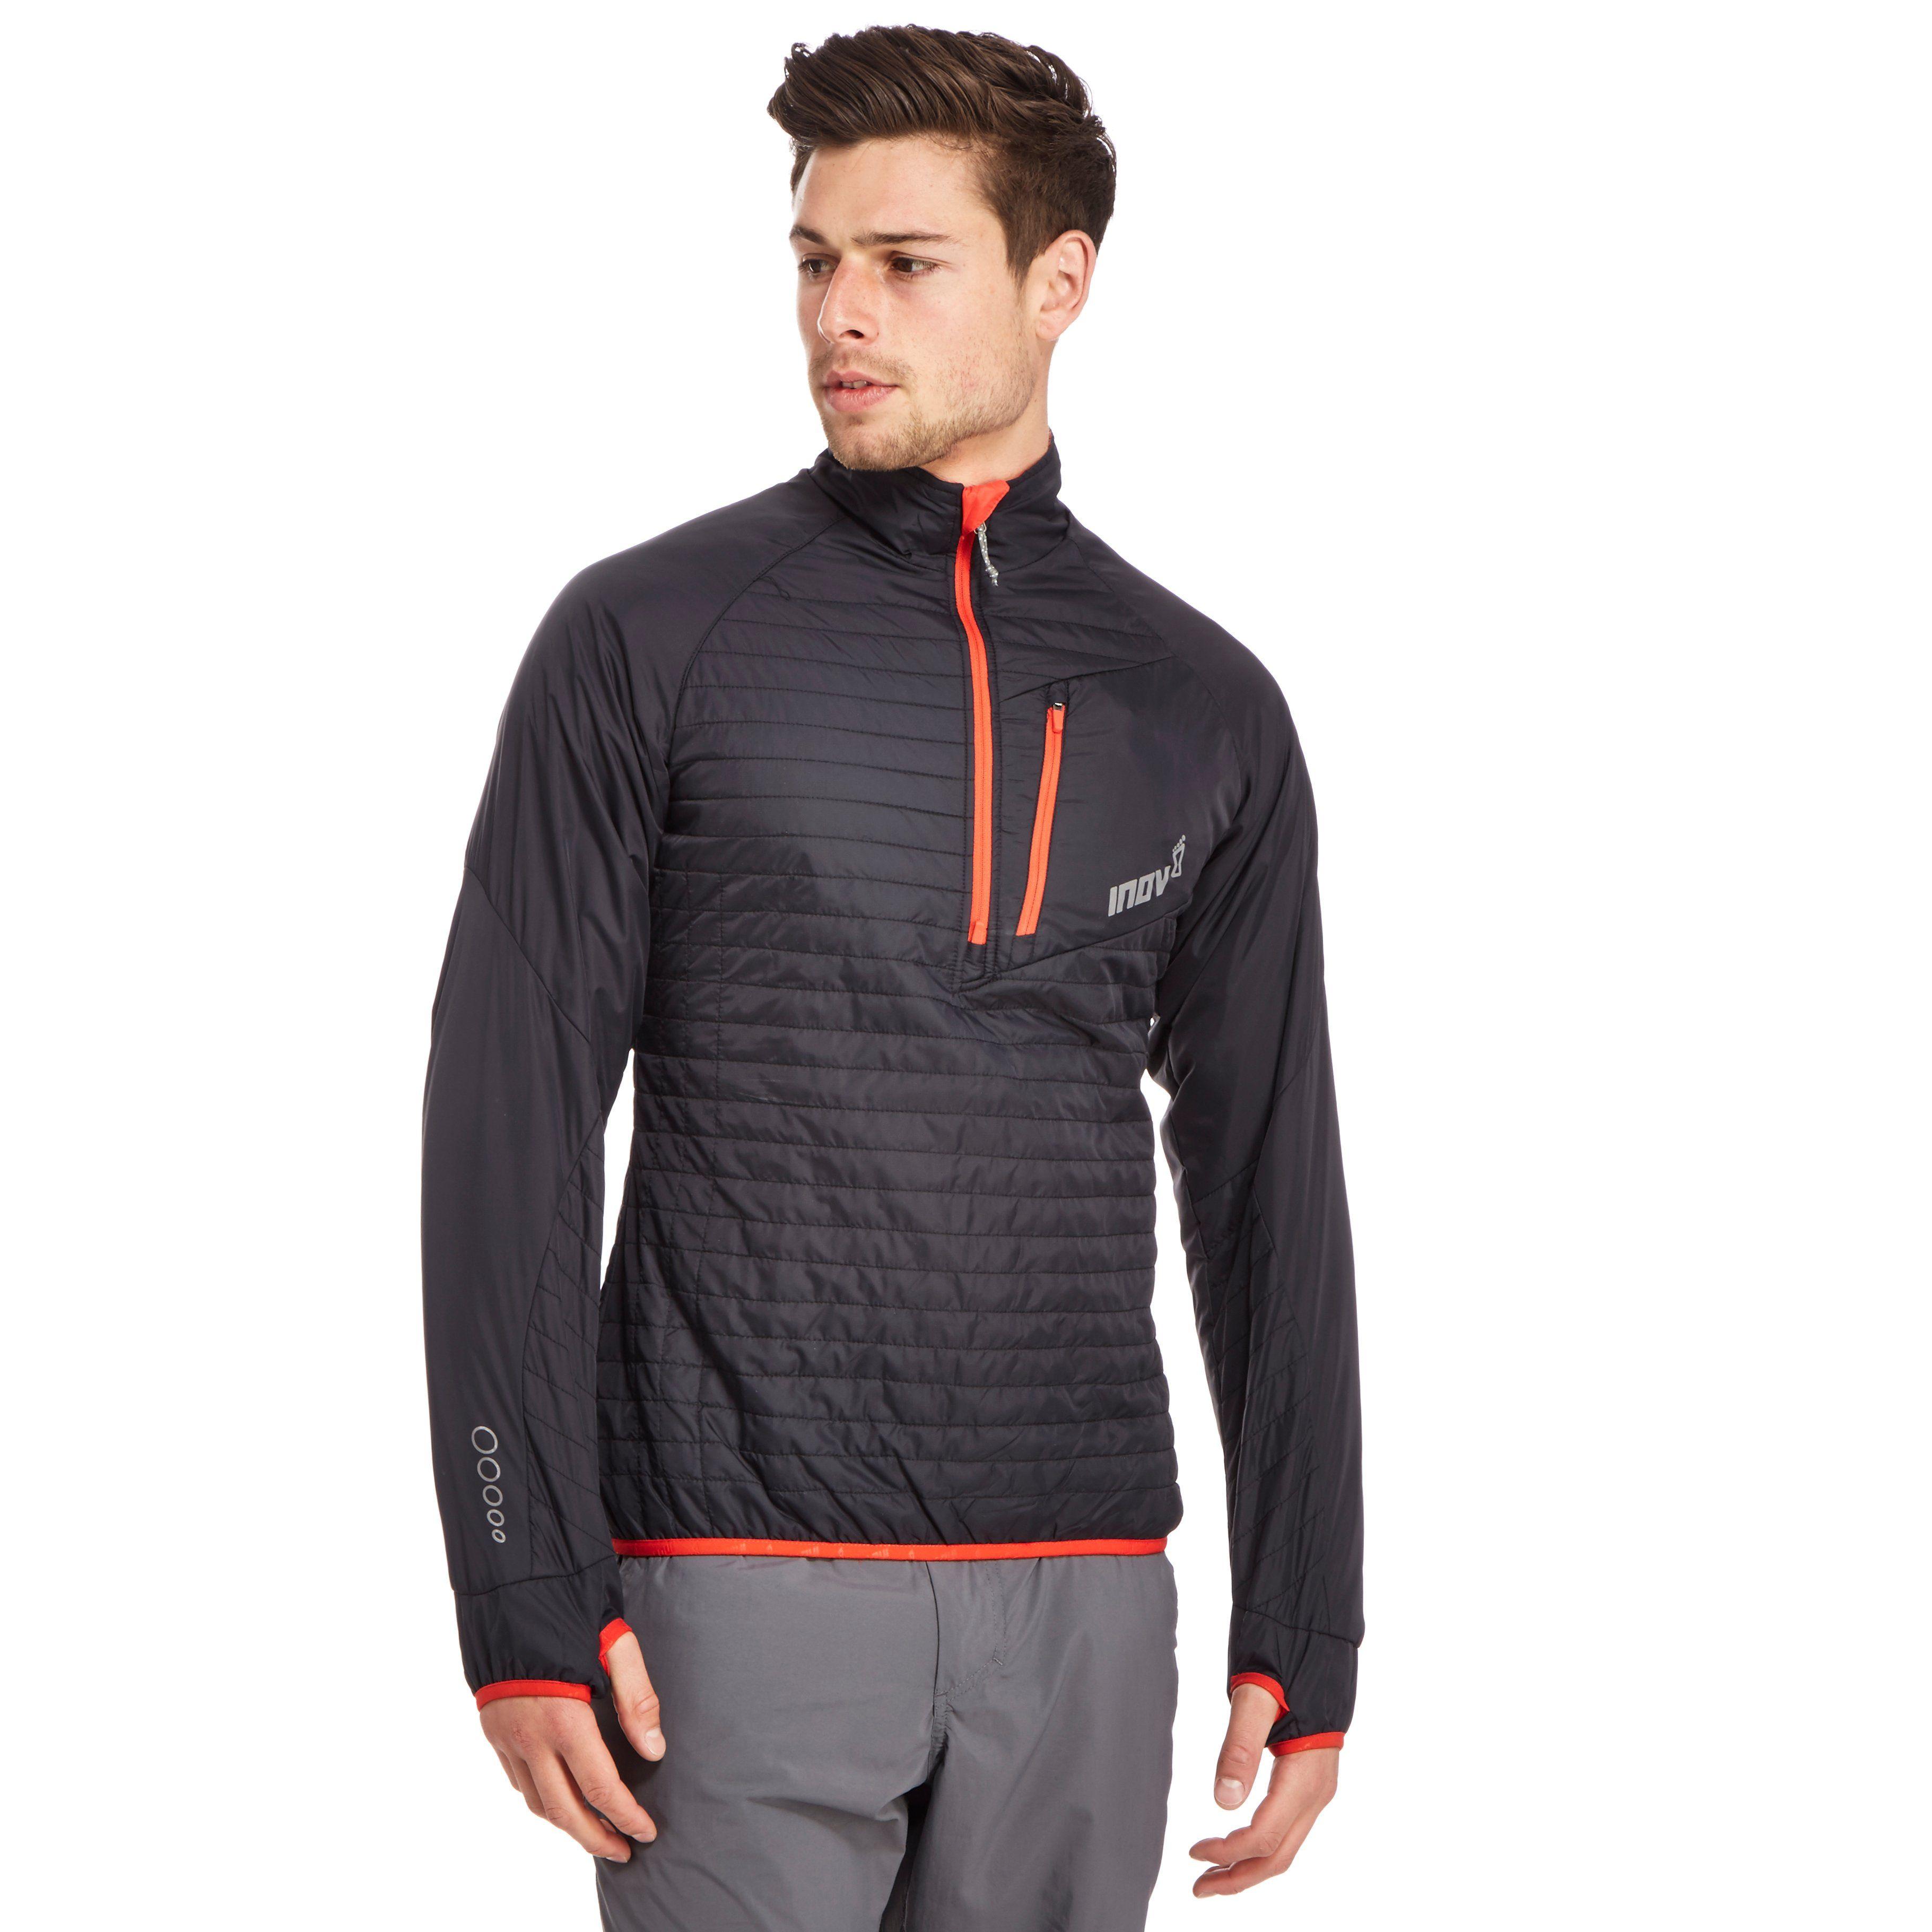 INOV-8 Men's 260 Thermoshell Jacket